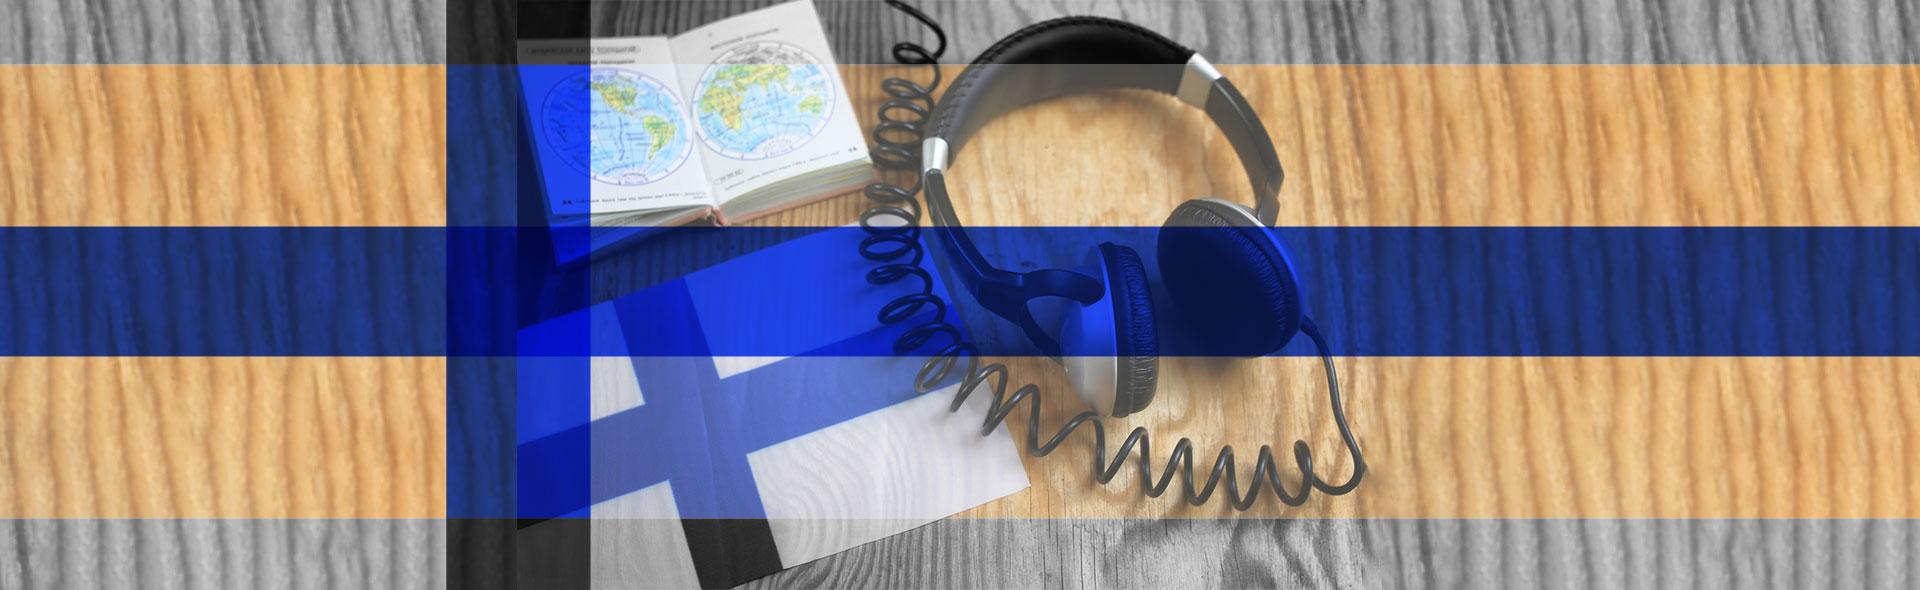 Finnish Speaking Jobs